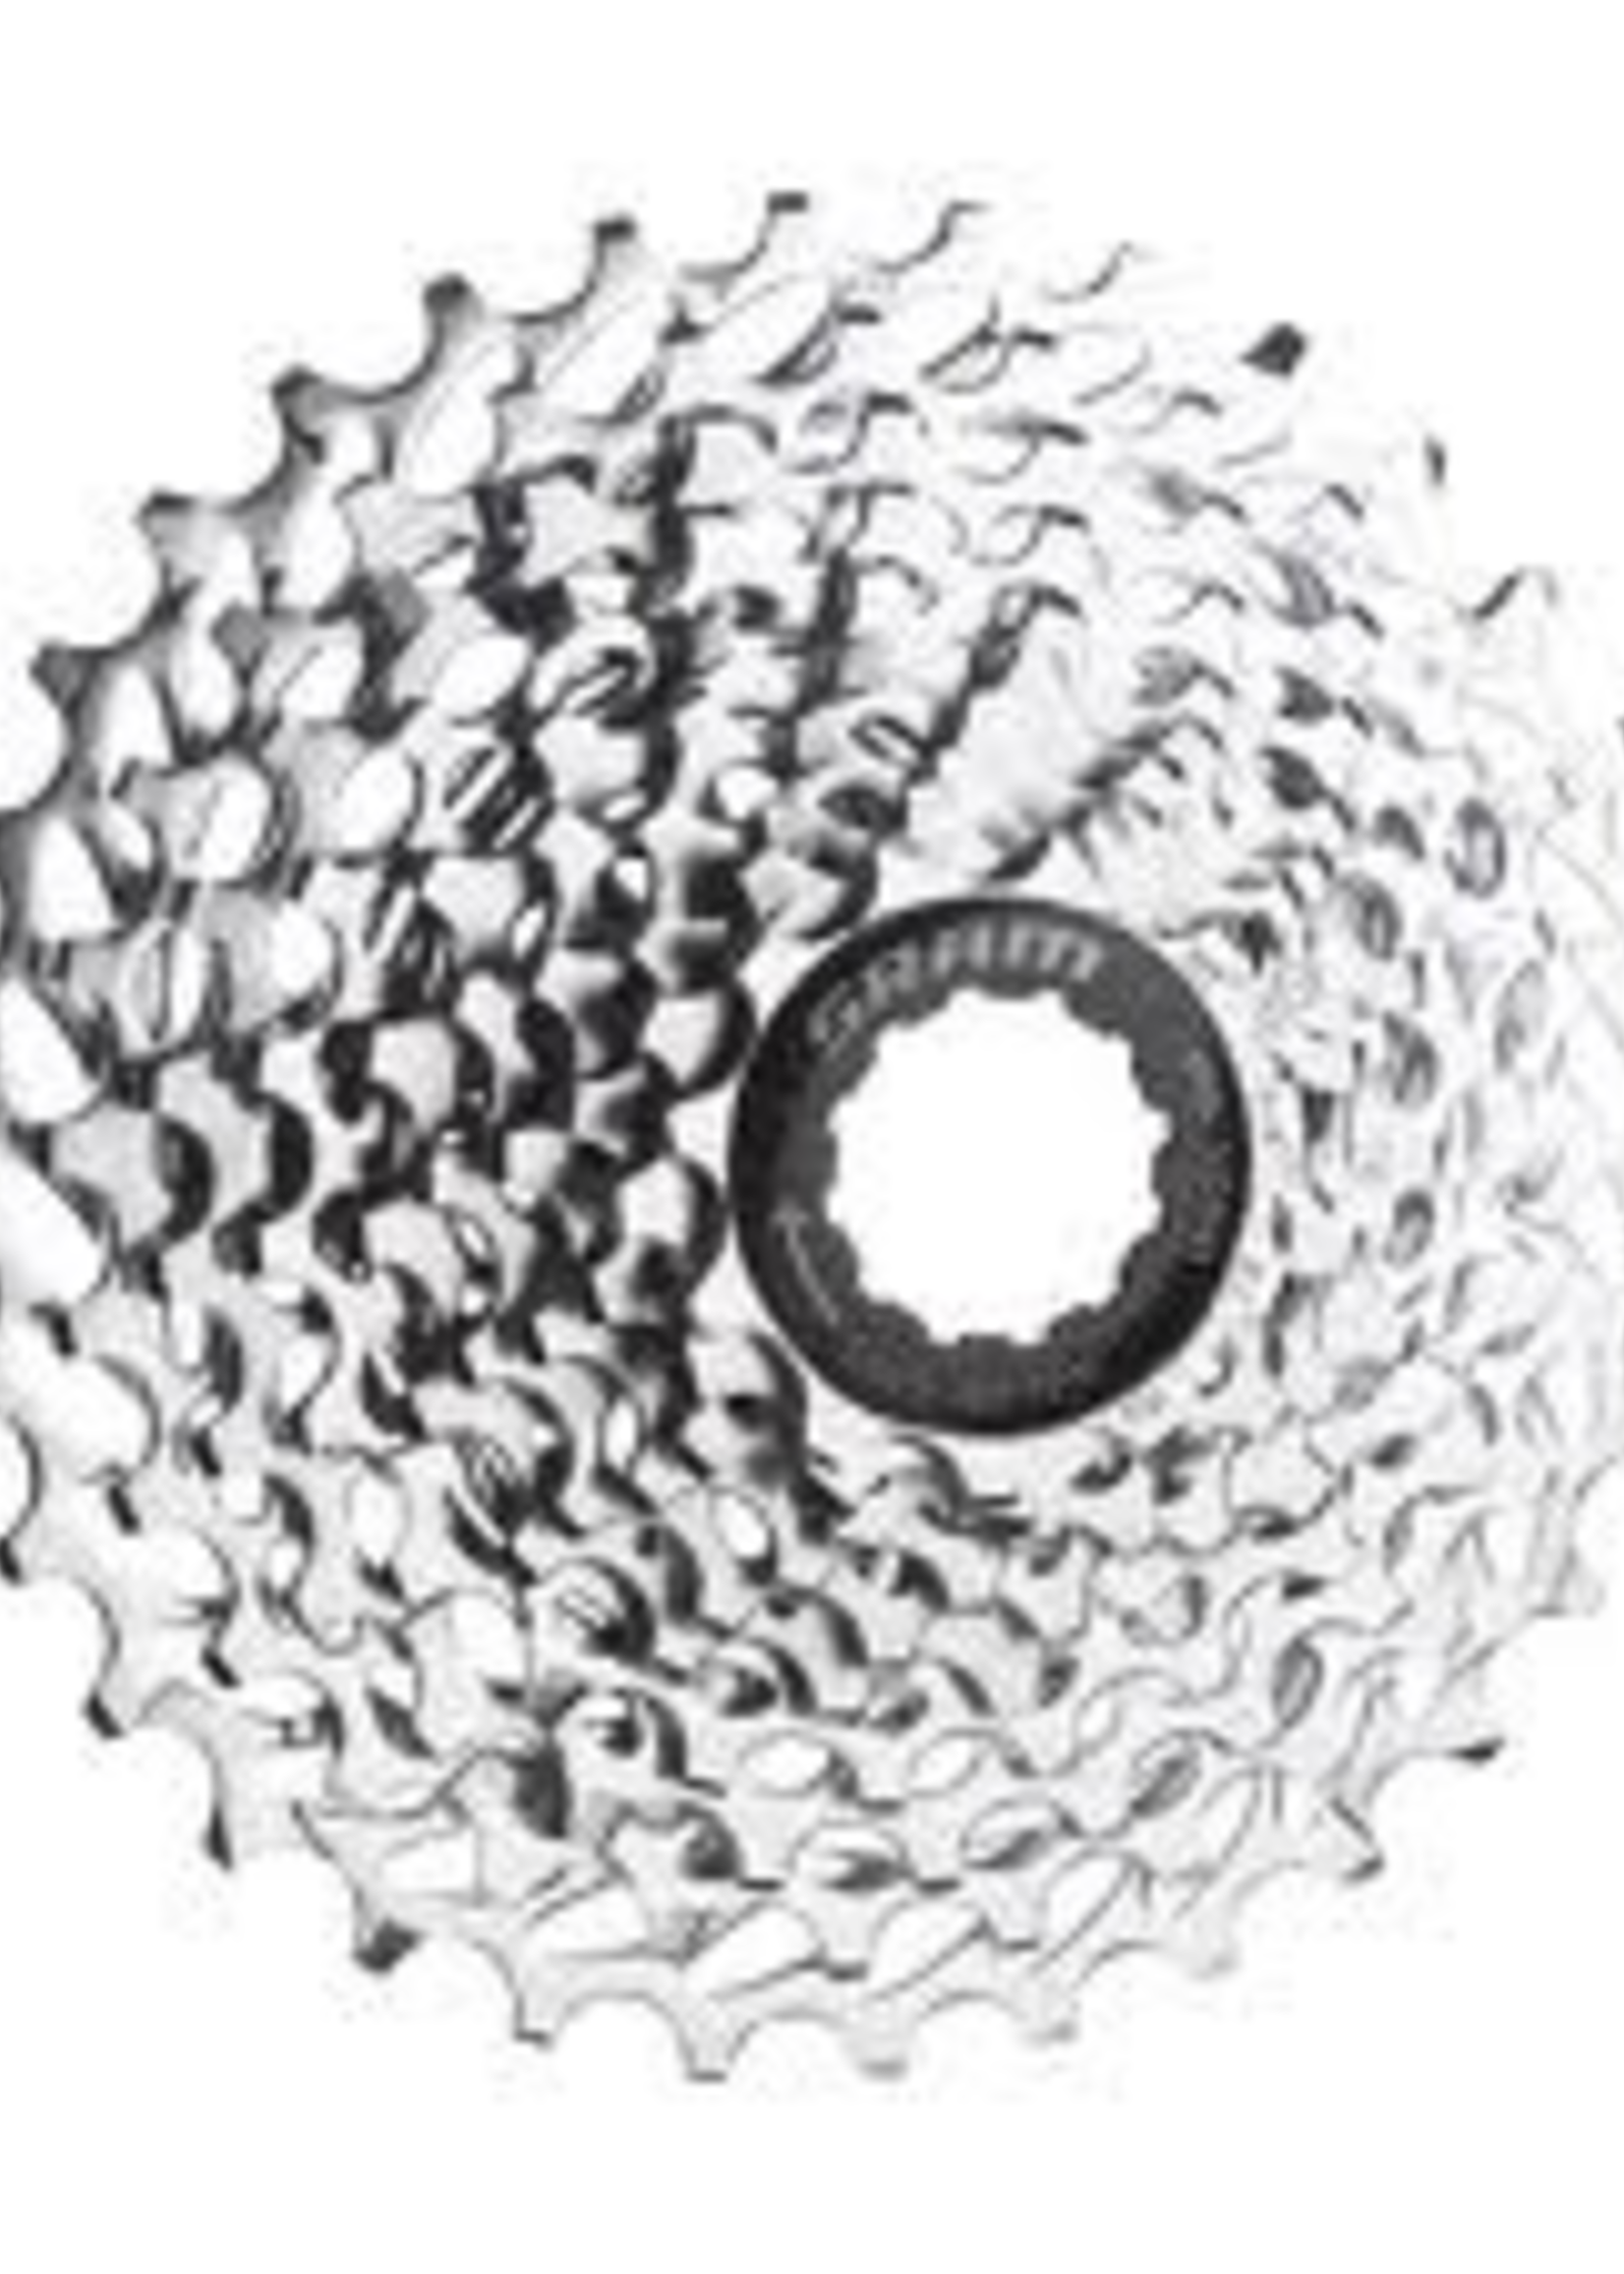 SRAM CASSETTE - PG1050/1030 10 SPEED